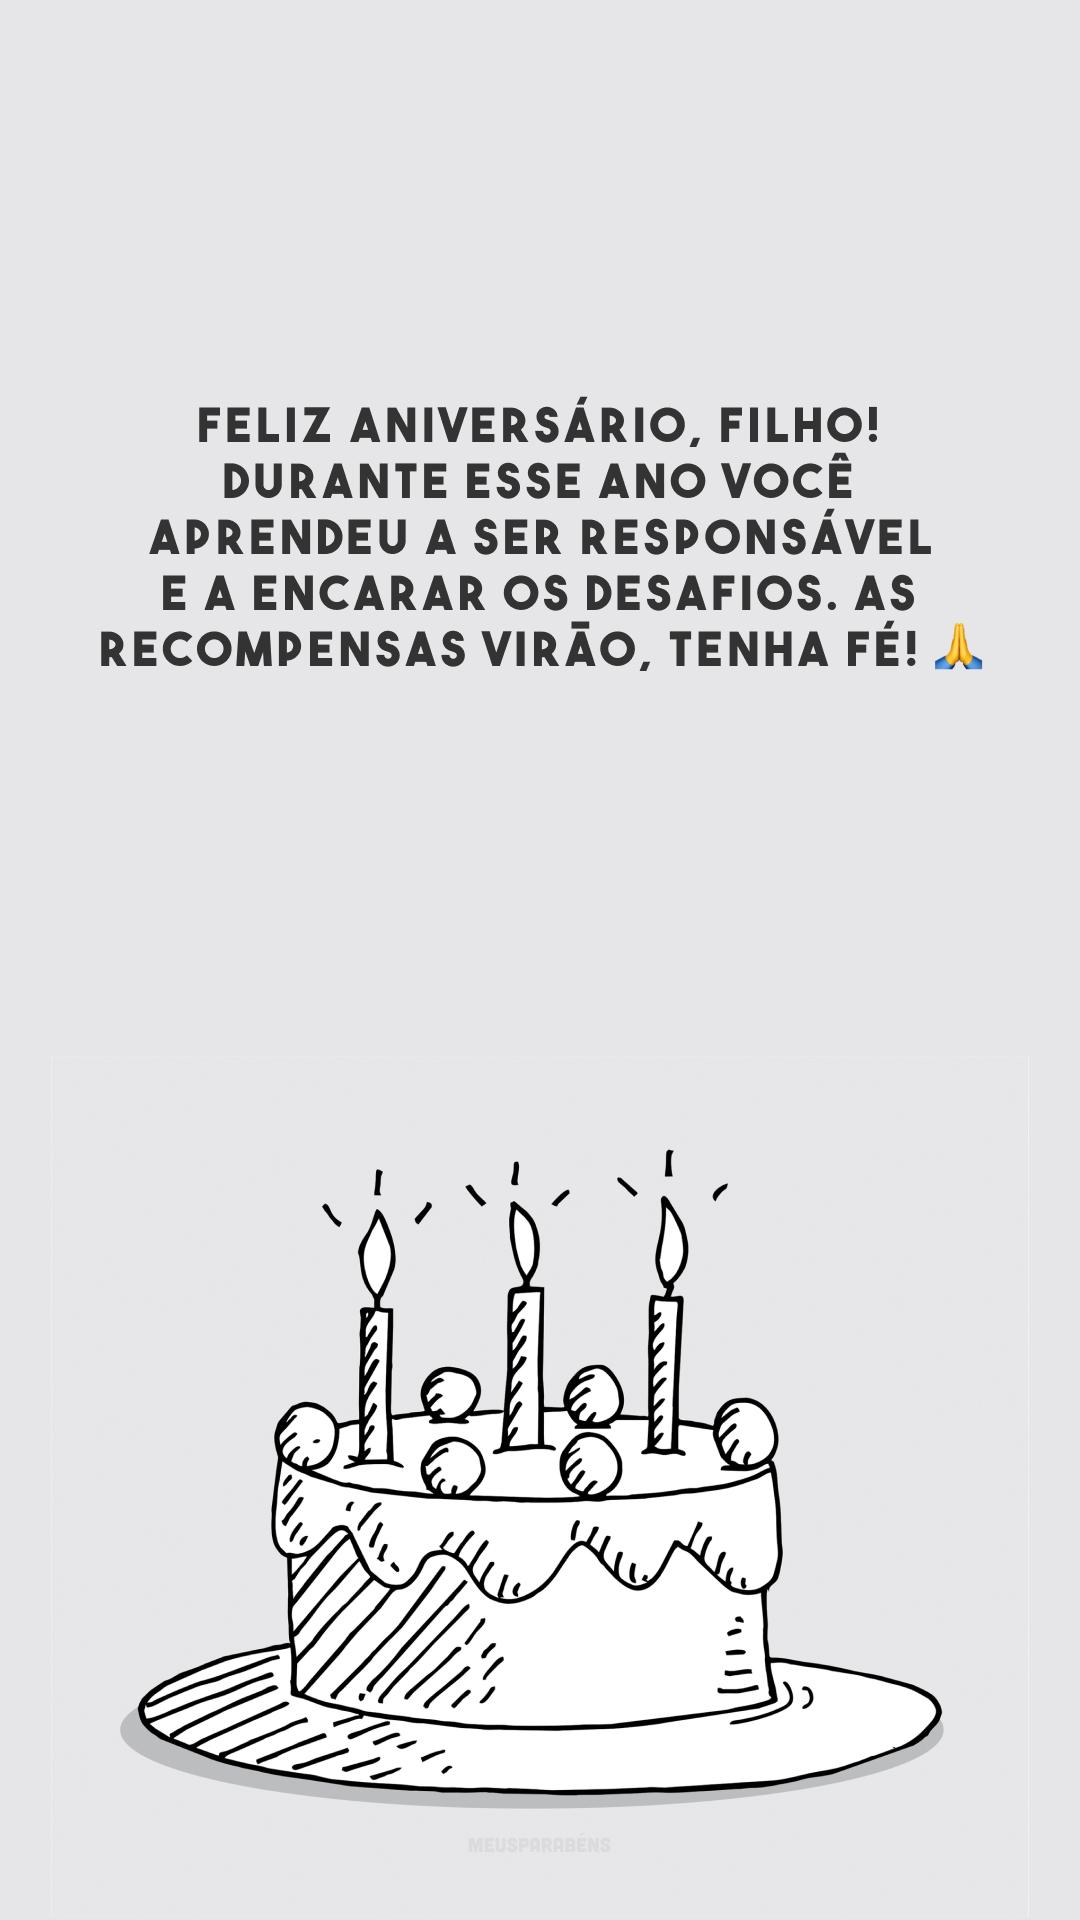 Feliz aniversário, filho! Durante esse ano você aprendeu a ser responsável e a encarar os desafios. As recompensas virão, tenha fé! 🙏